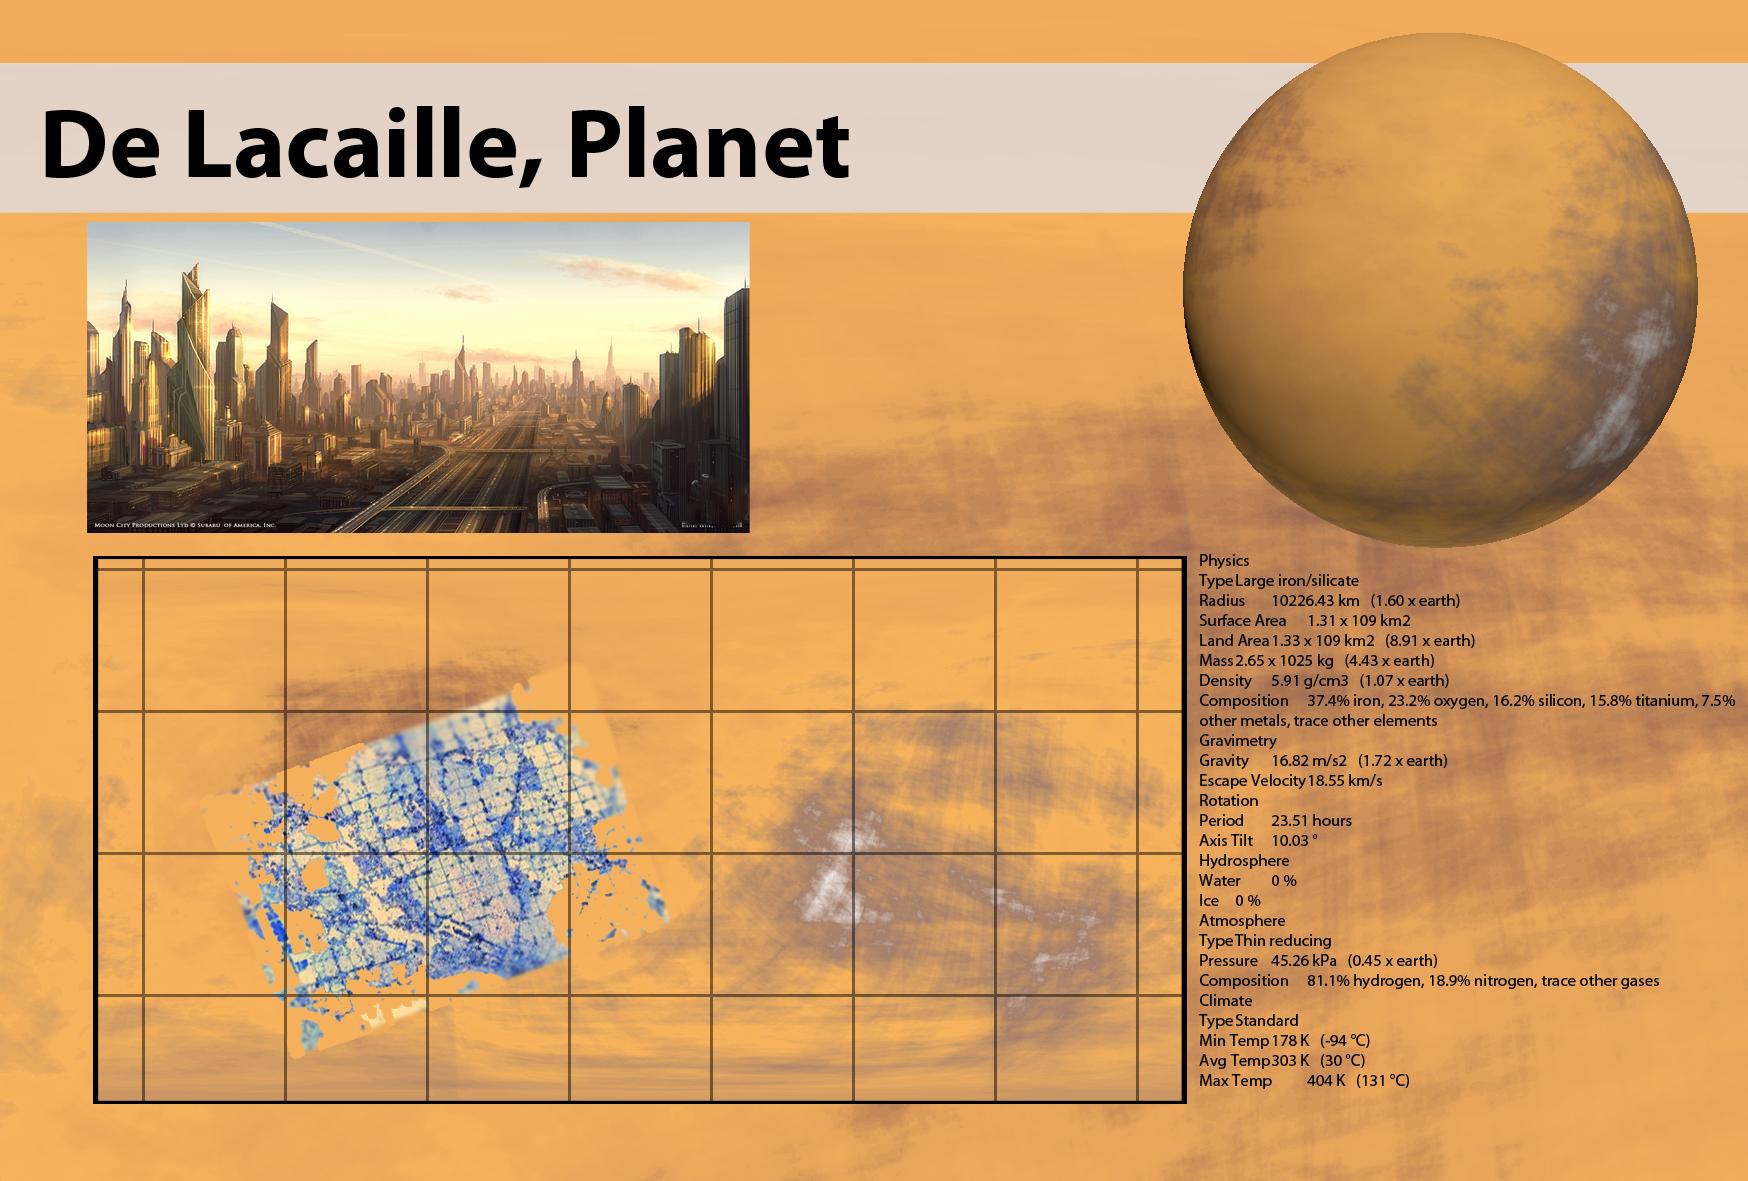 De Lacaille, Planet